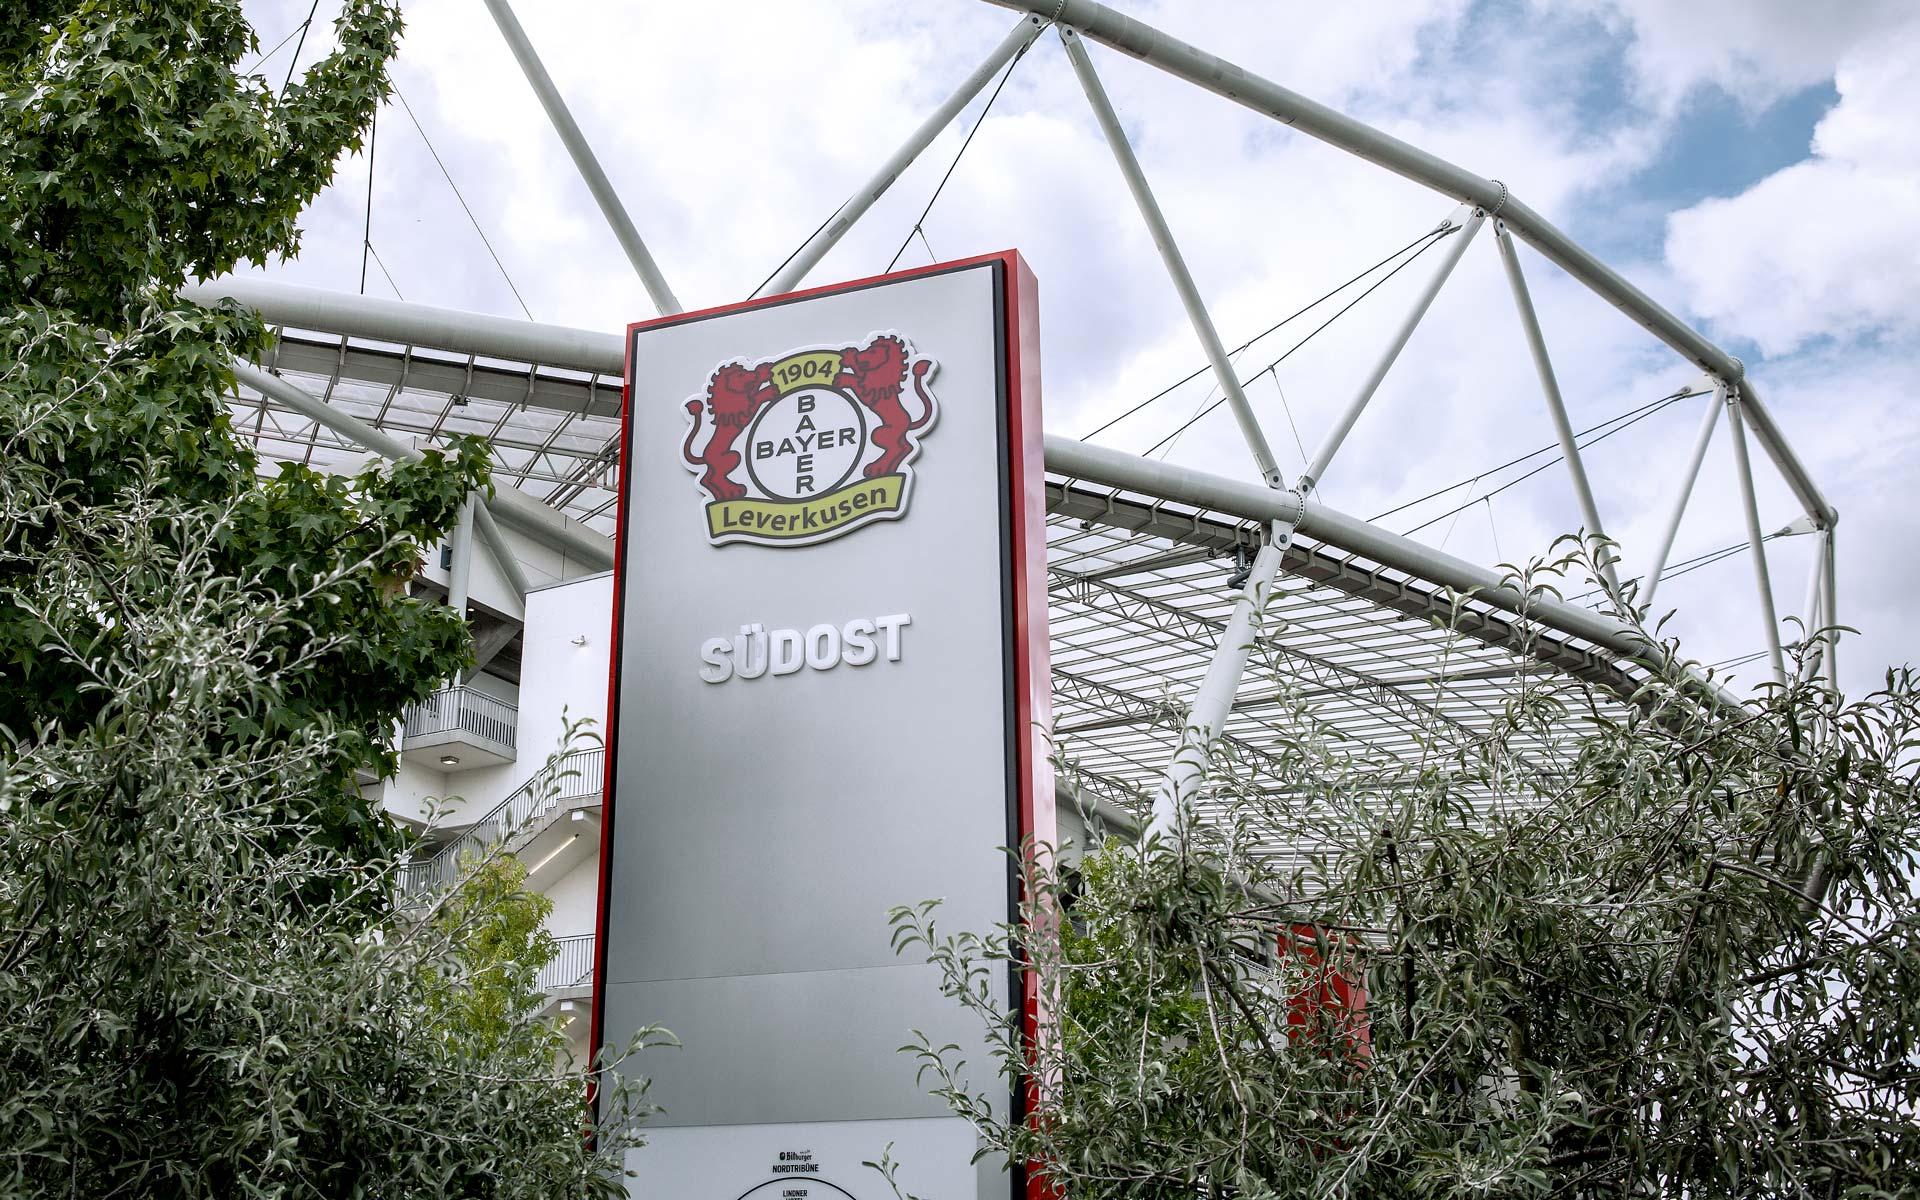 Bayer 04, BayArena Orientierungssystem und Branding, Stele am Eingang Ost